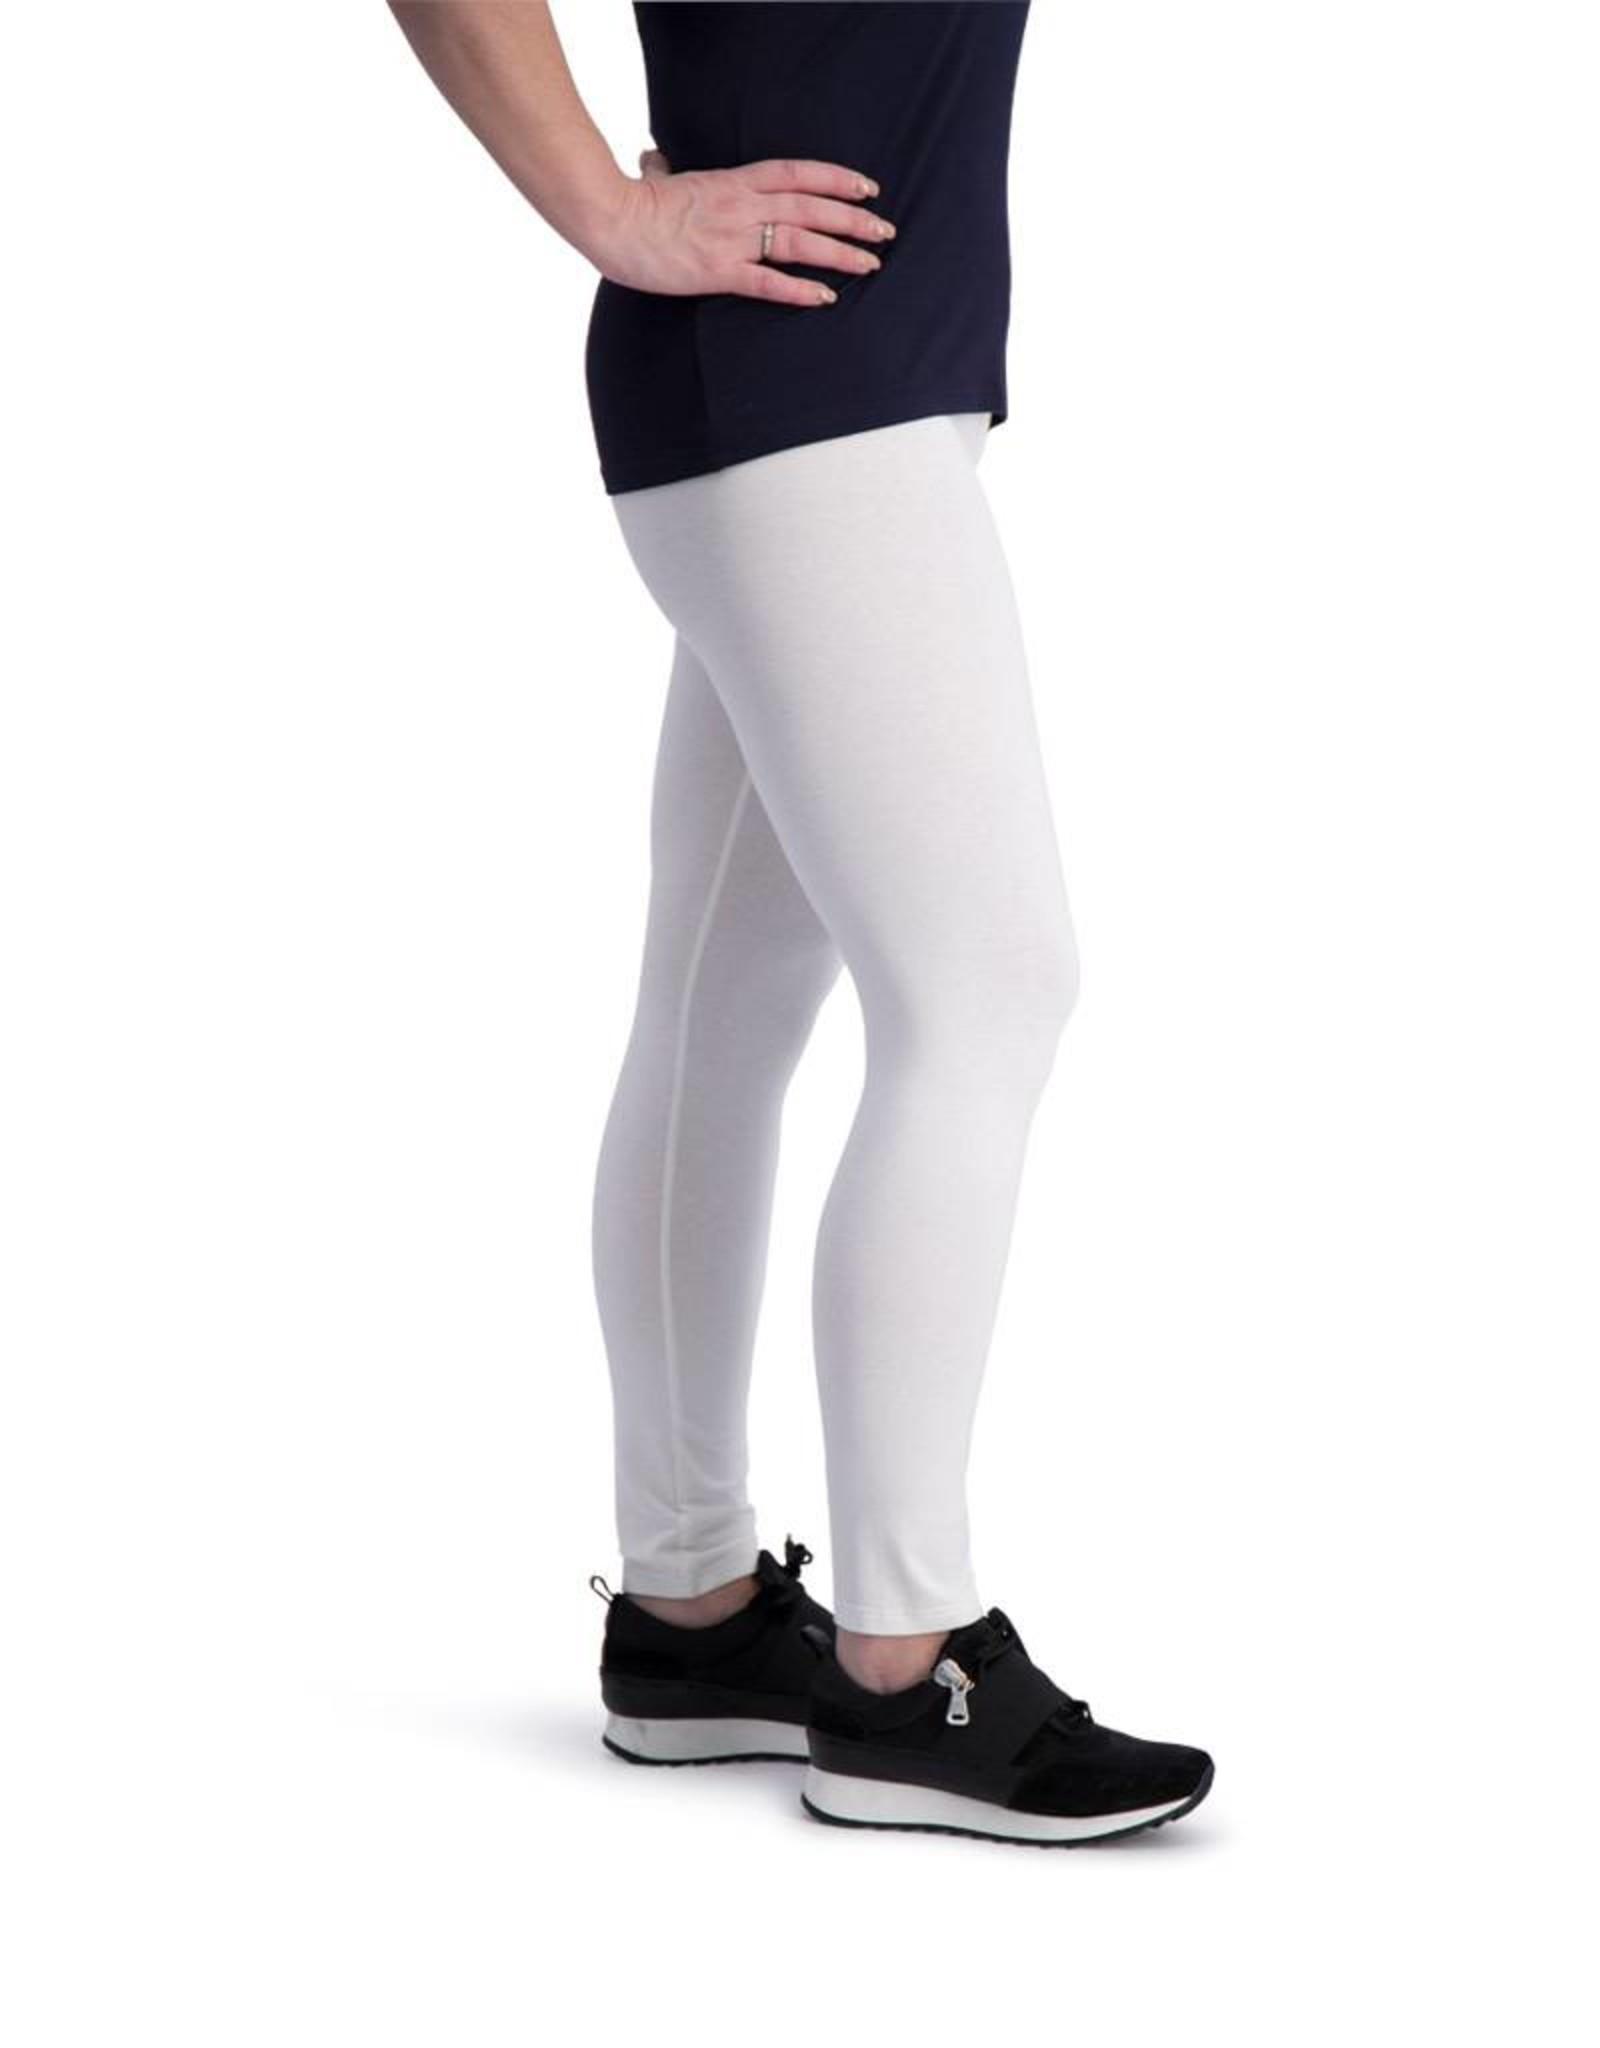 Ophilia Legging uni